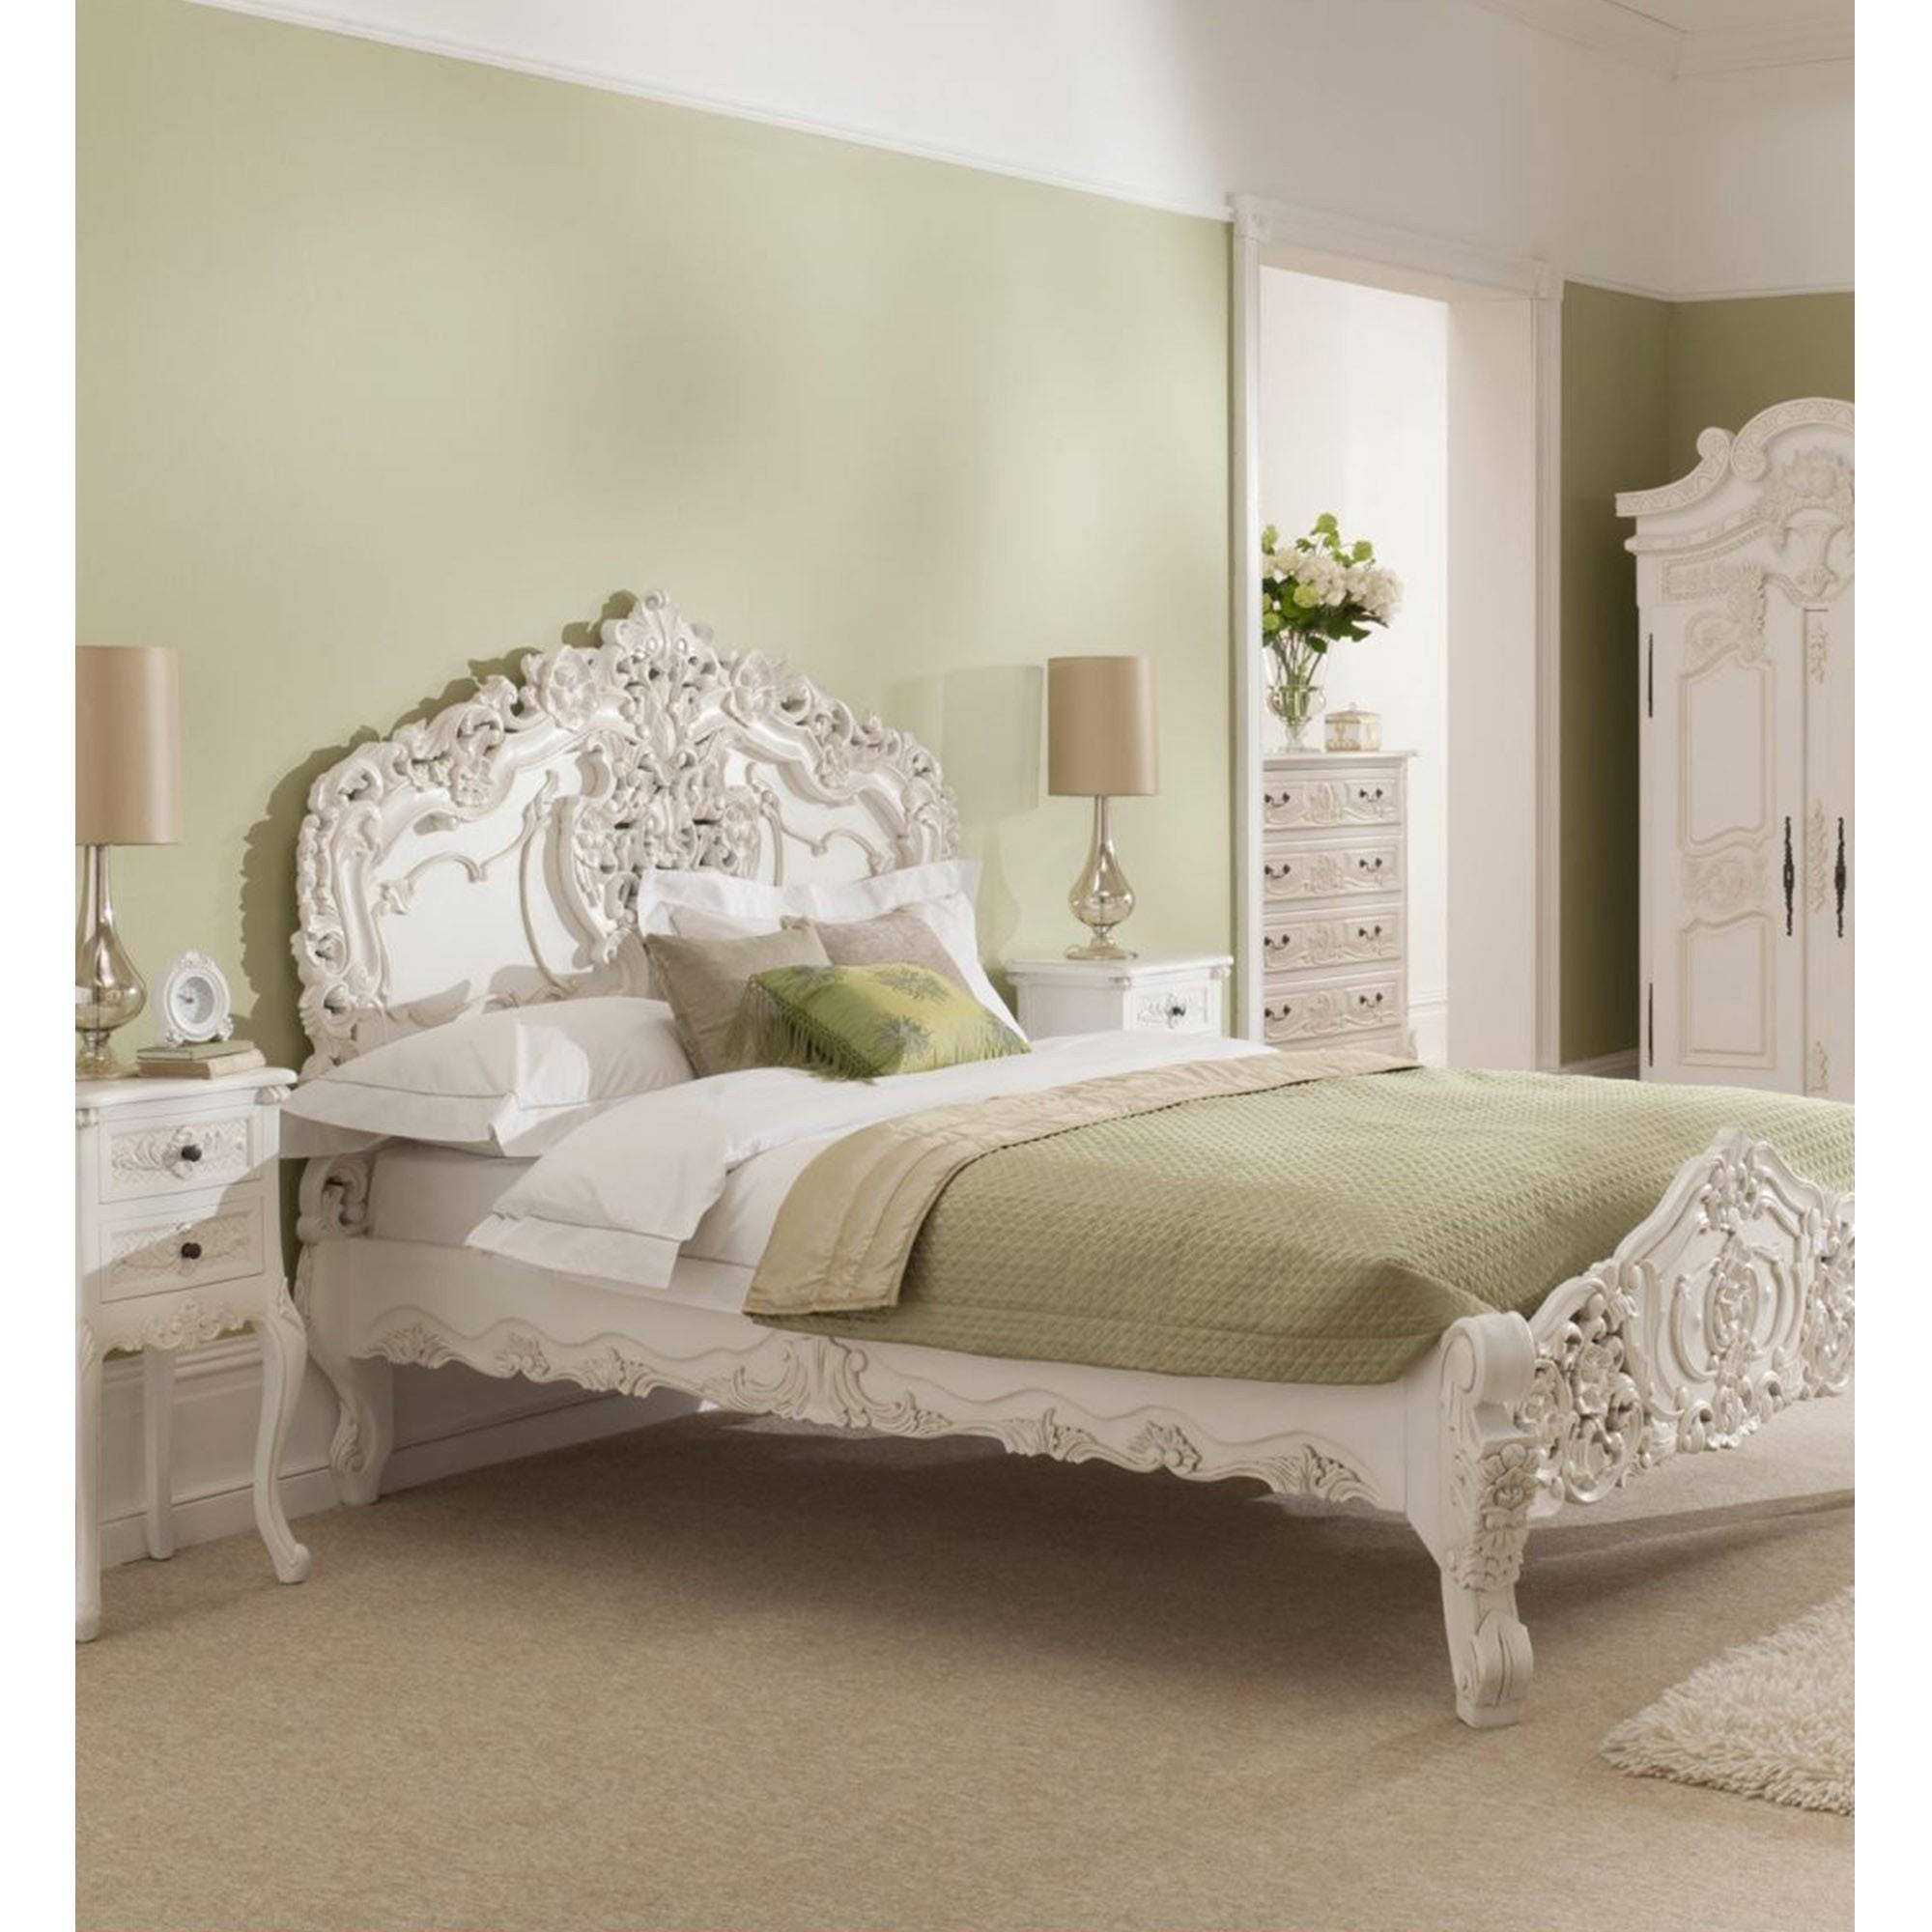 Online Bedroom: Rococo Bedroom Furniture Set